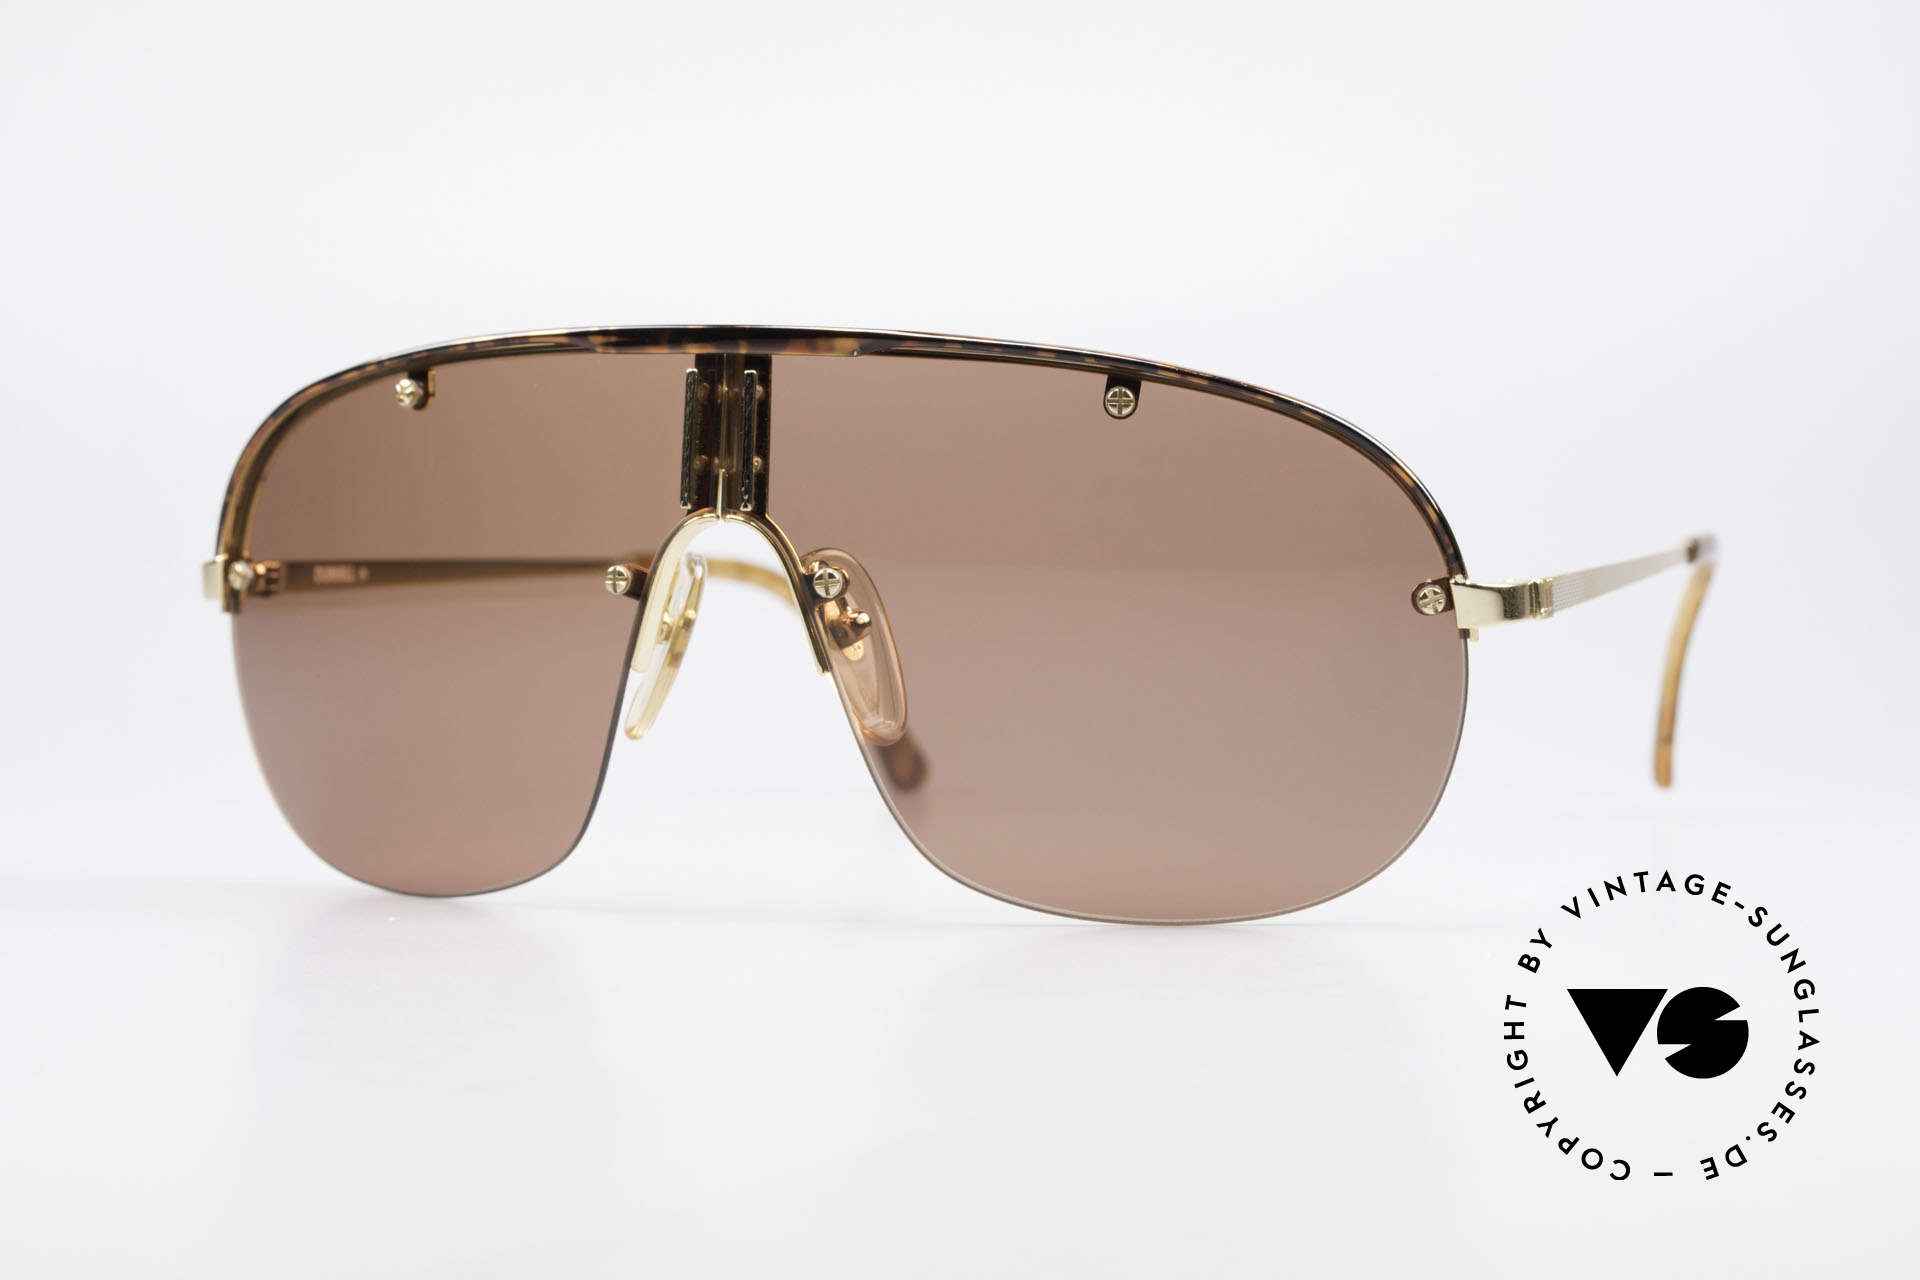 Dunhill 6102 Rare 90er Herren Sonnenbrille, sehr stilvolle Herrensonnenbrille von Alfred Dunhill, Passend für Herren